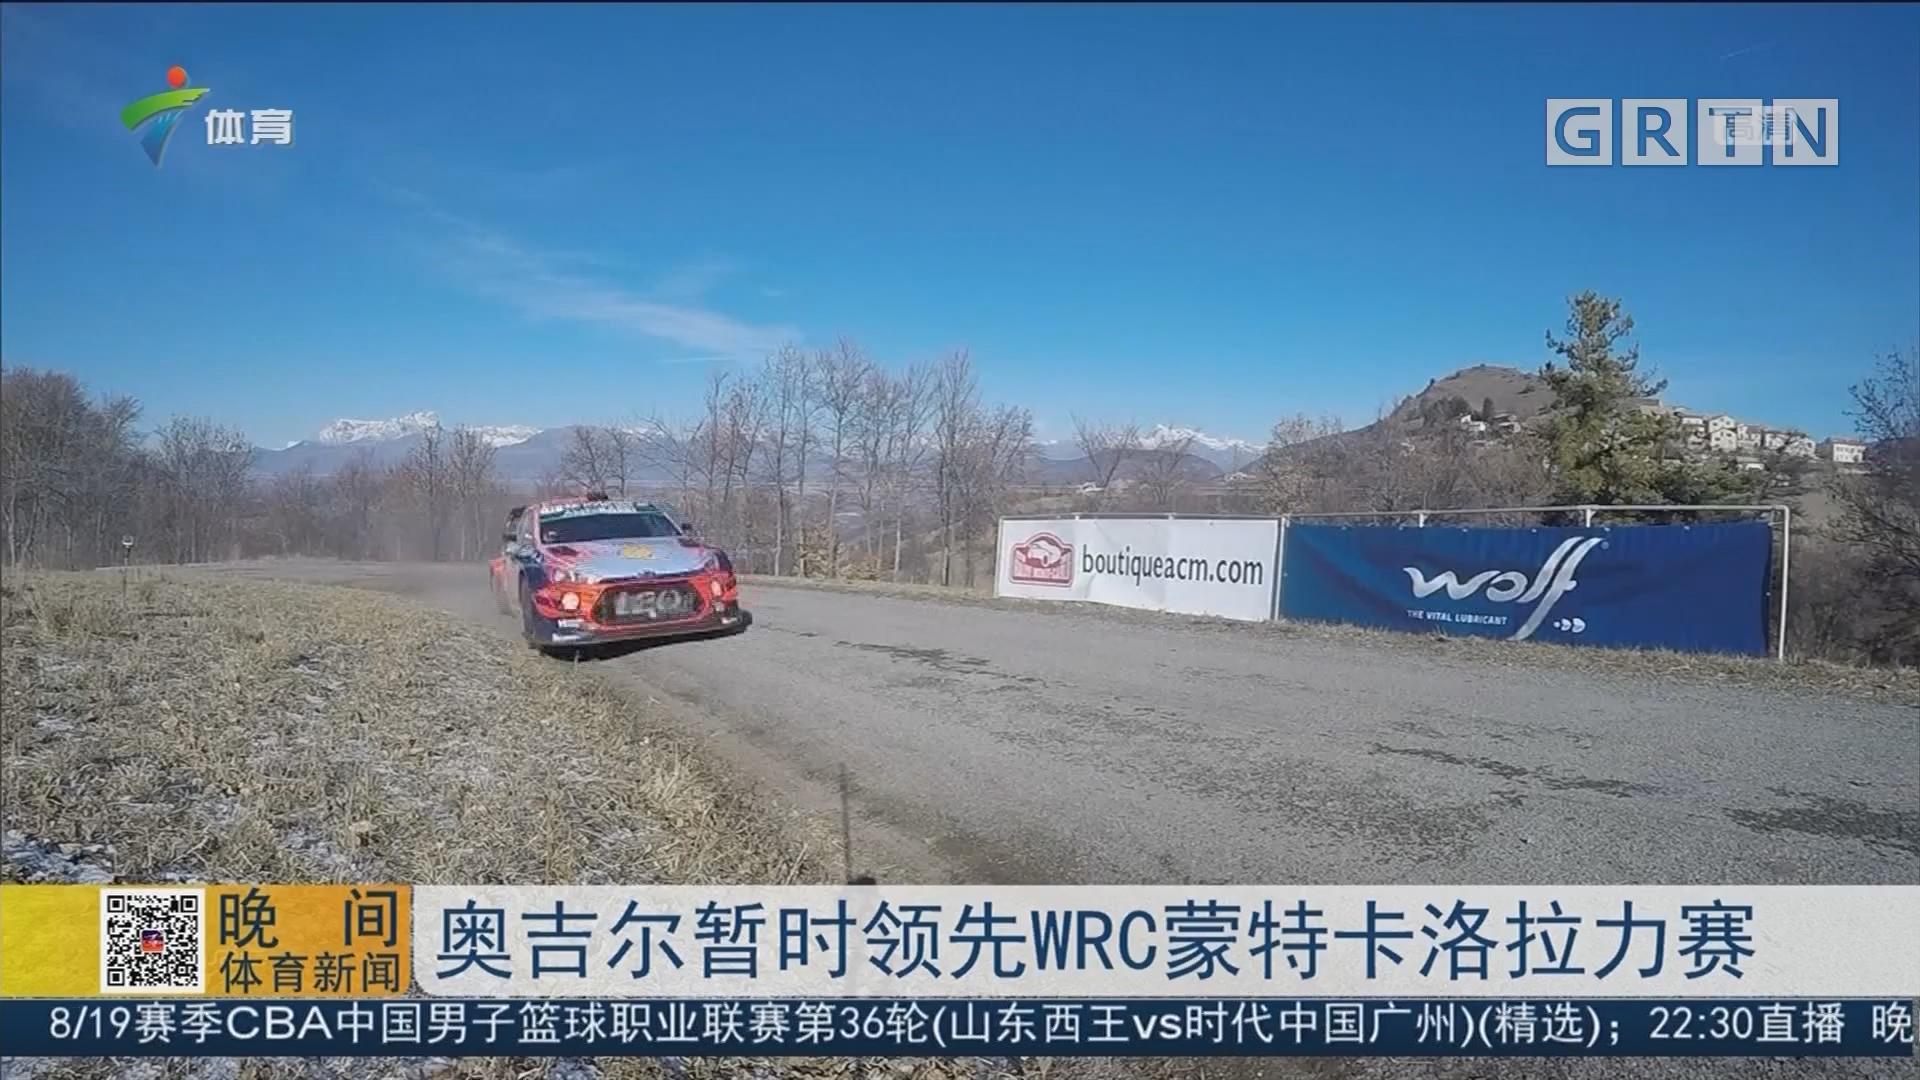 奥吉尔暂时领先WRC蒙特卡洛拉力赛